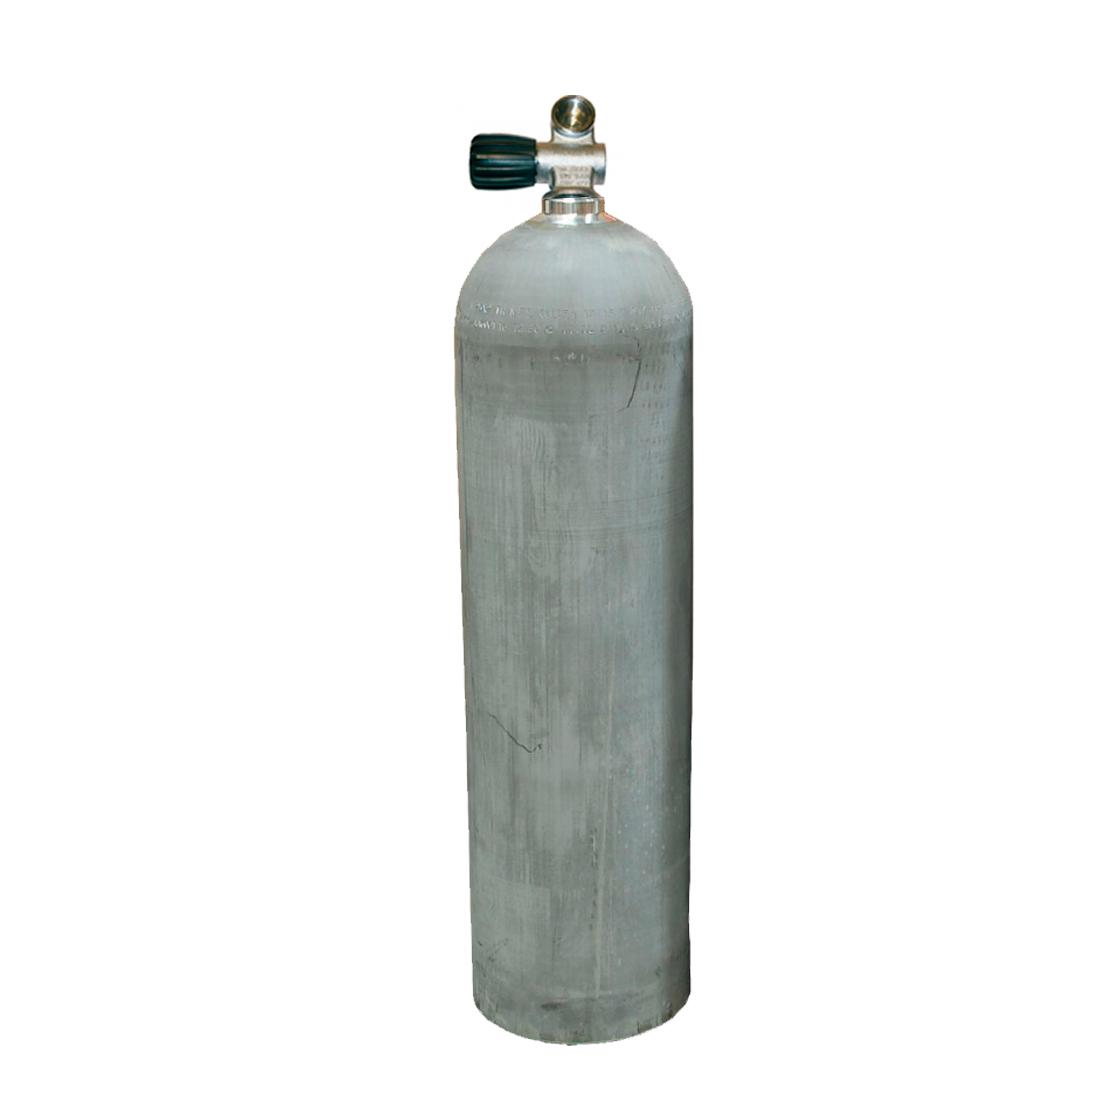 MES - Tauchgerät 11,1l 207Bar 80cuft Aluflasche ohne/mit Ventil natural